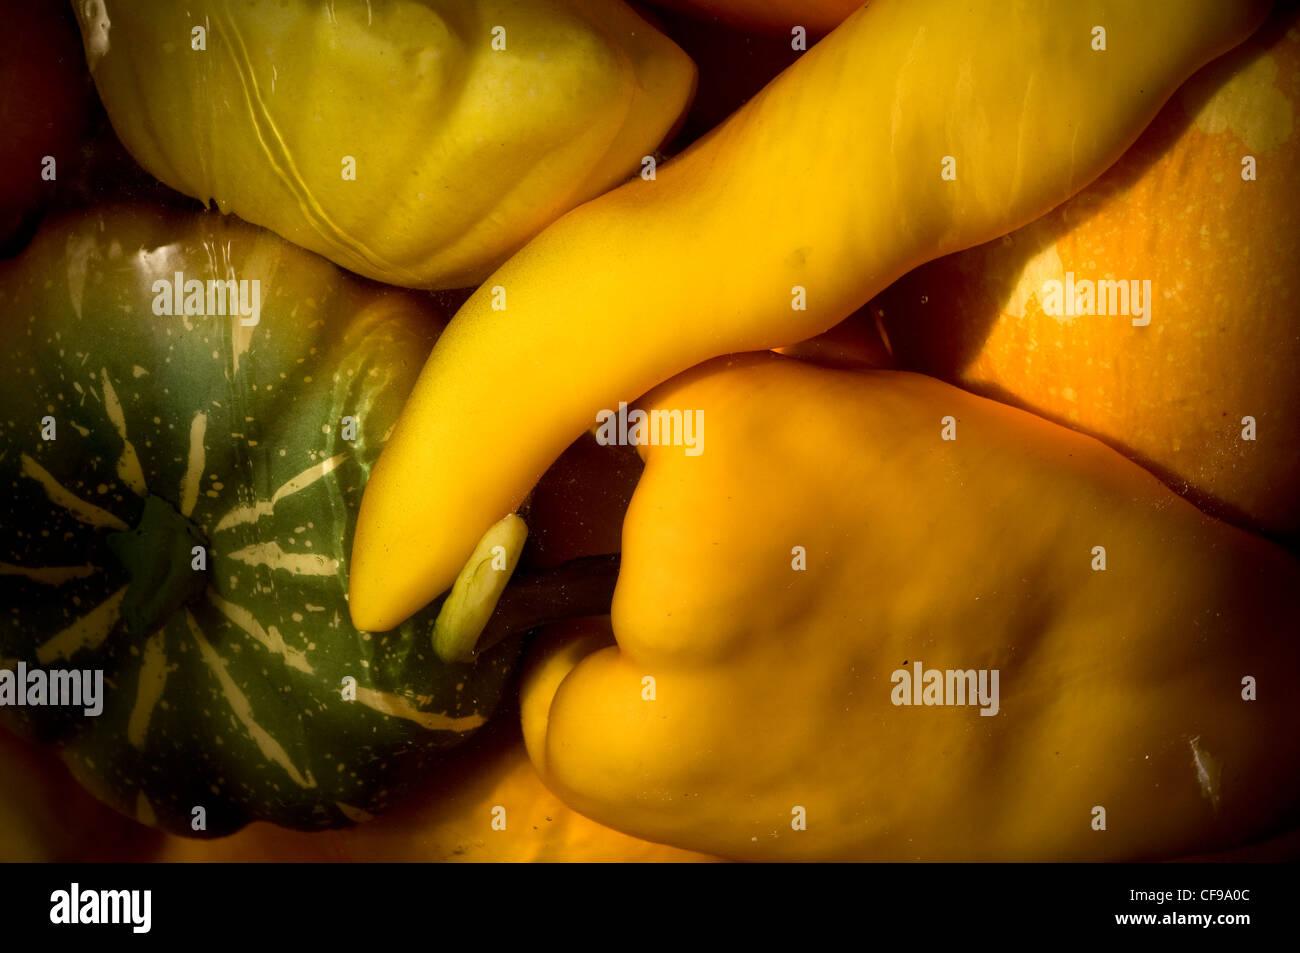 Chili's y pimientos, antioxidante, bell, negro, calorías, pimienta de cayena, pollo, chile, chili, chili, Imagen De Stock